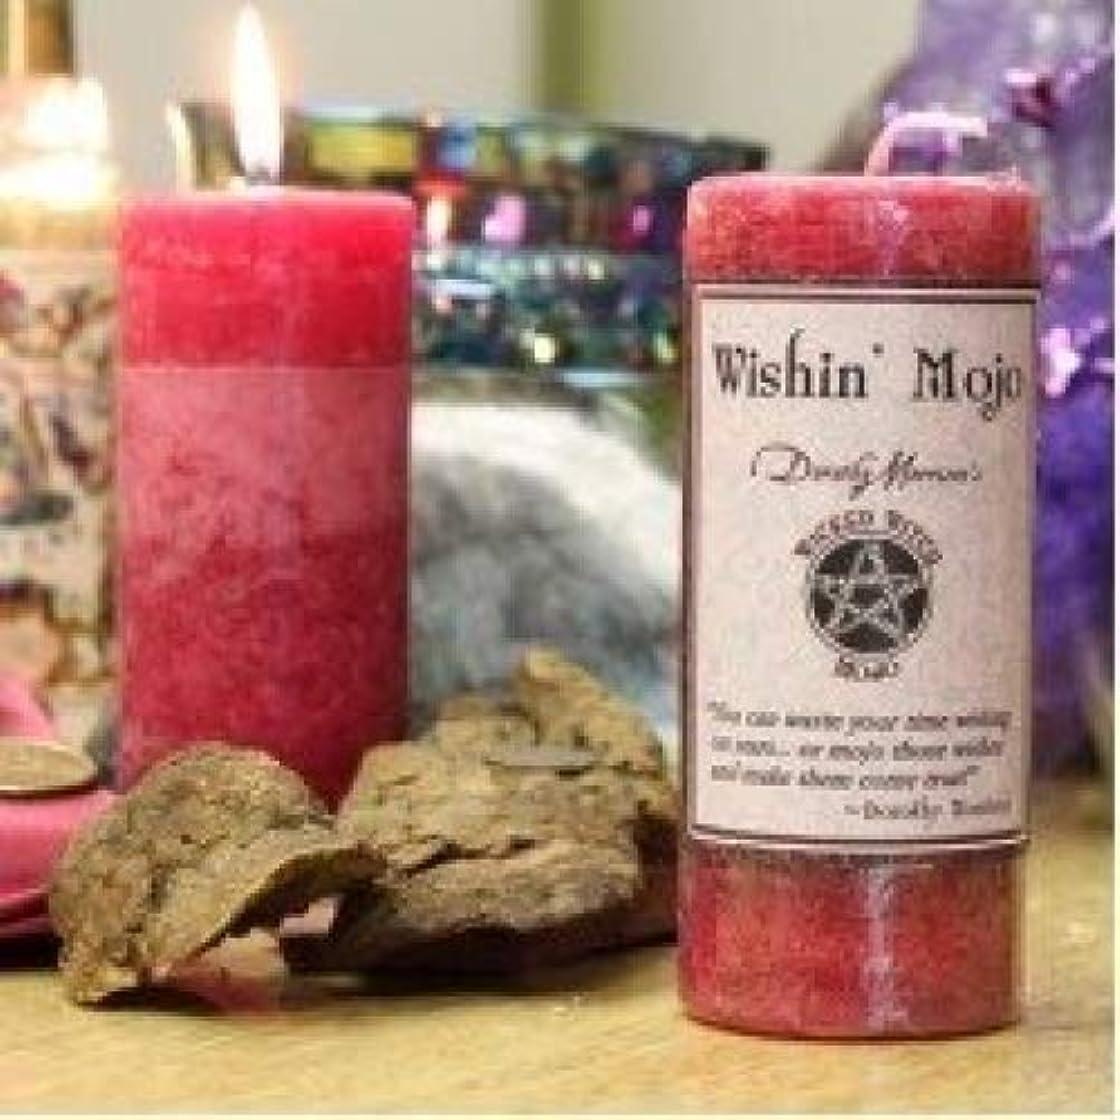 シェフ変換する逃すWicked Witch Mojo Wishin Mojo Candle by Dorothy Morrison